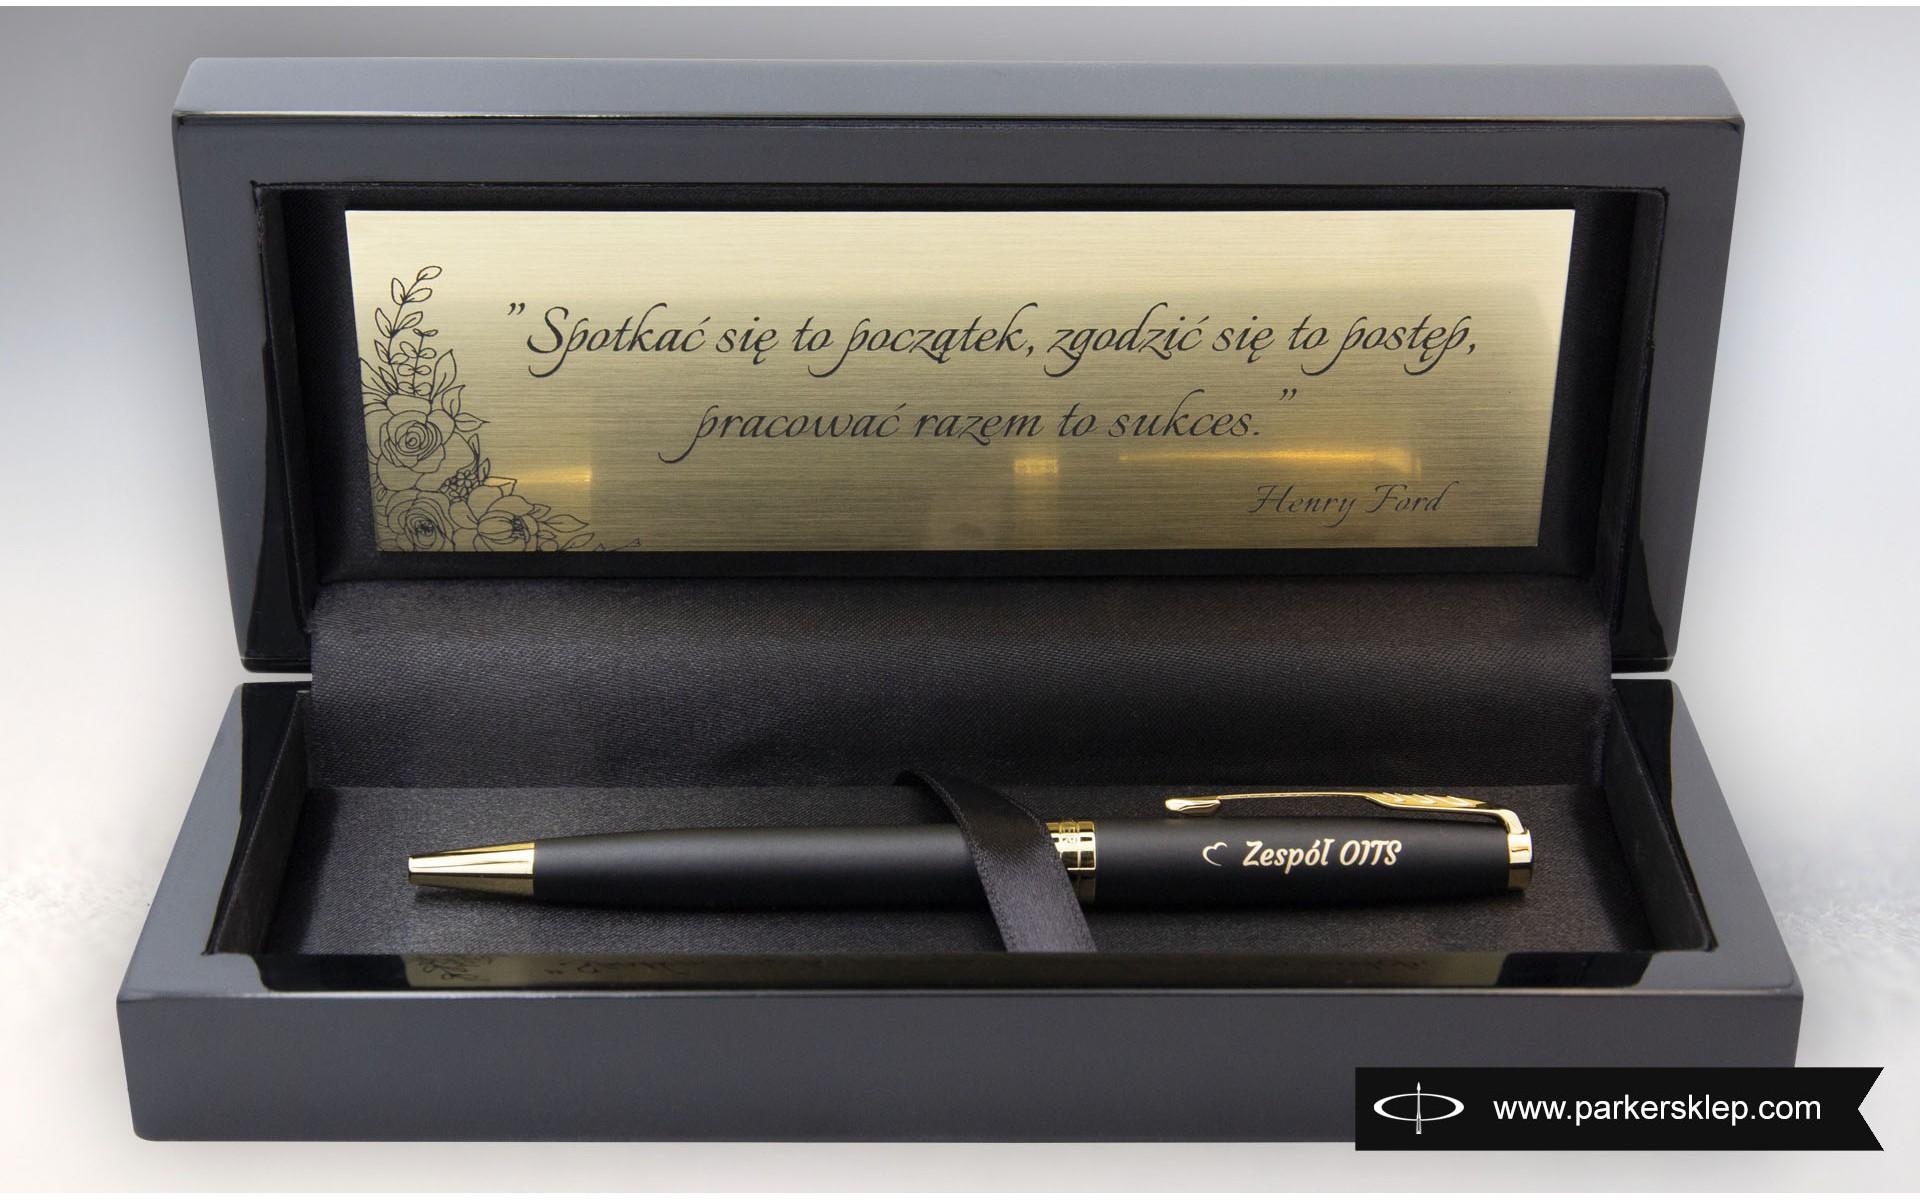 Długopis Parker Sonnet Czarny Matowy GT [1931519] w pudełku ze złotą tabliczką